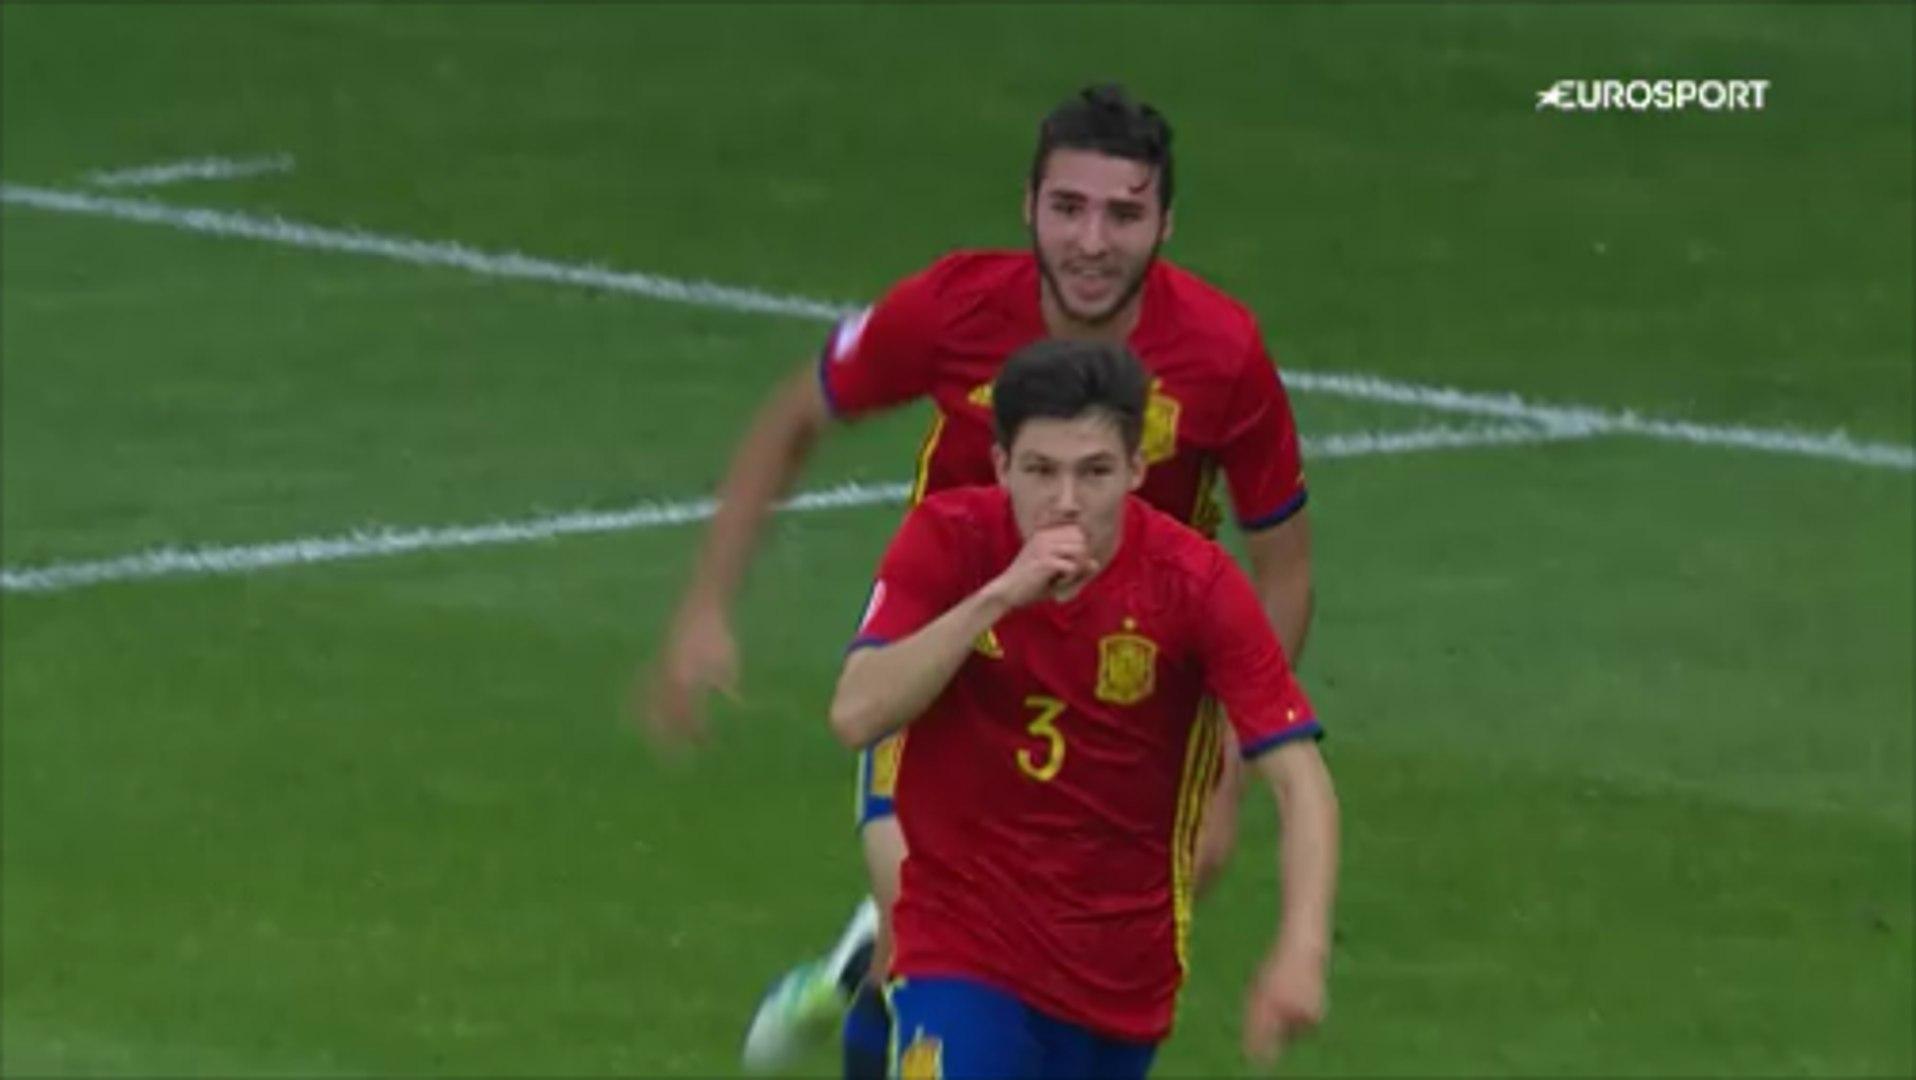 Francisco García With An Epic Solo Goal vs England U-17!